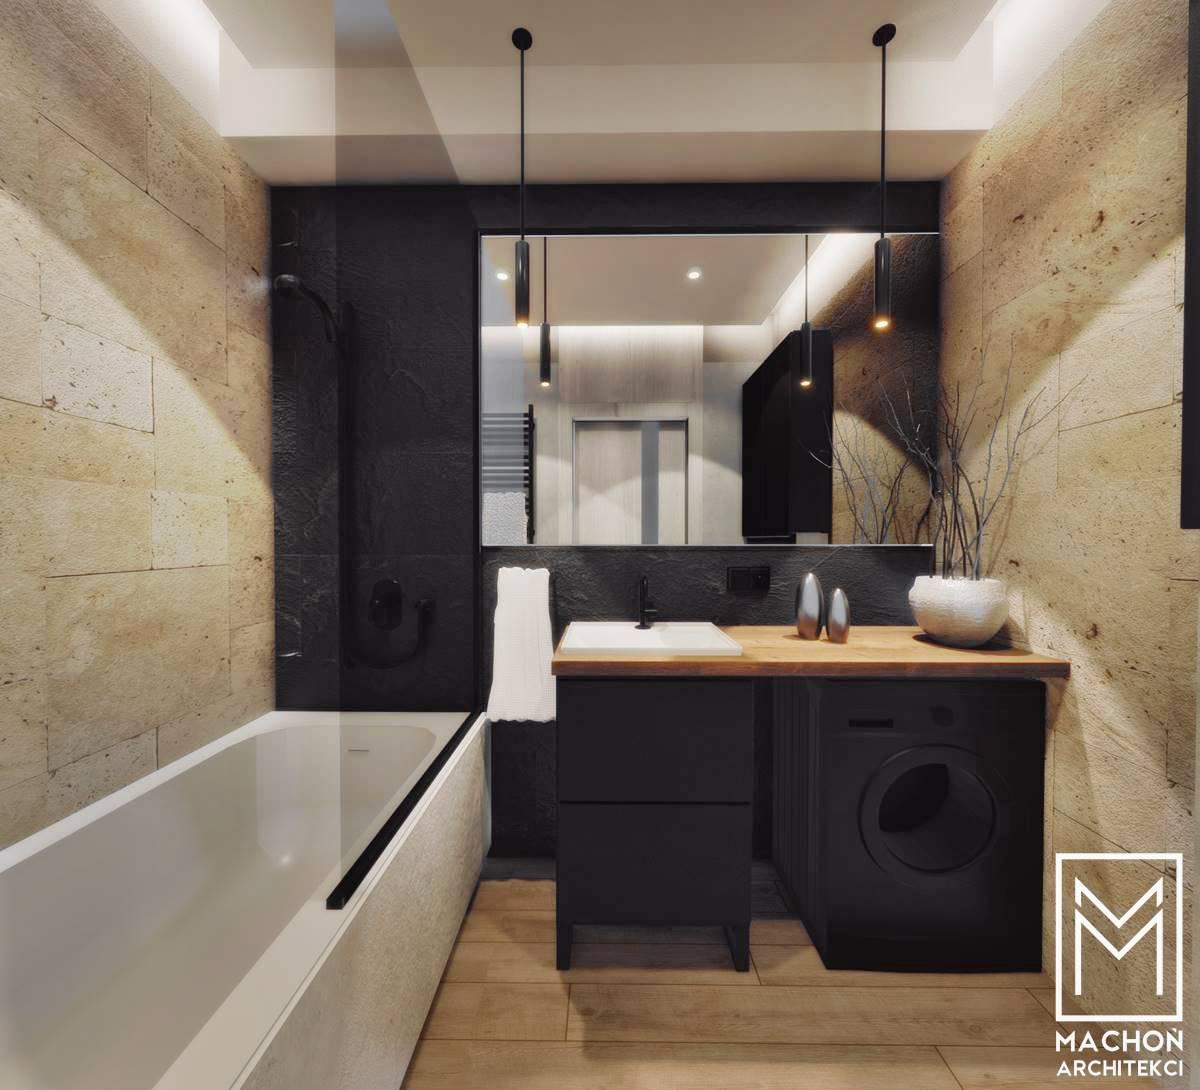 łazienka trawertyn kamien naturalny mieszkanie katowice kraków zator wadowice gliwice małopolska sląsk projekt nowoczesnego wnętrza małe mieszkanie loft